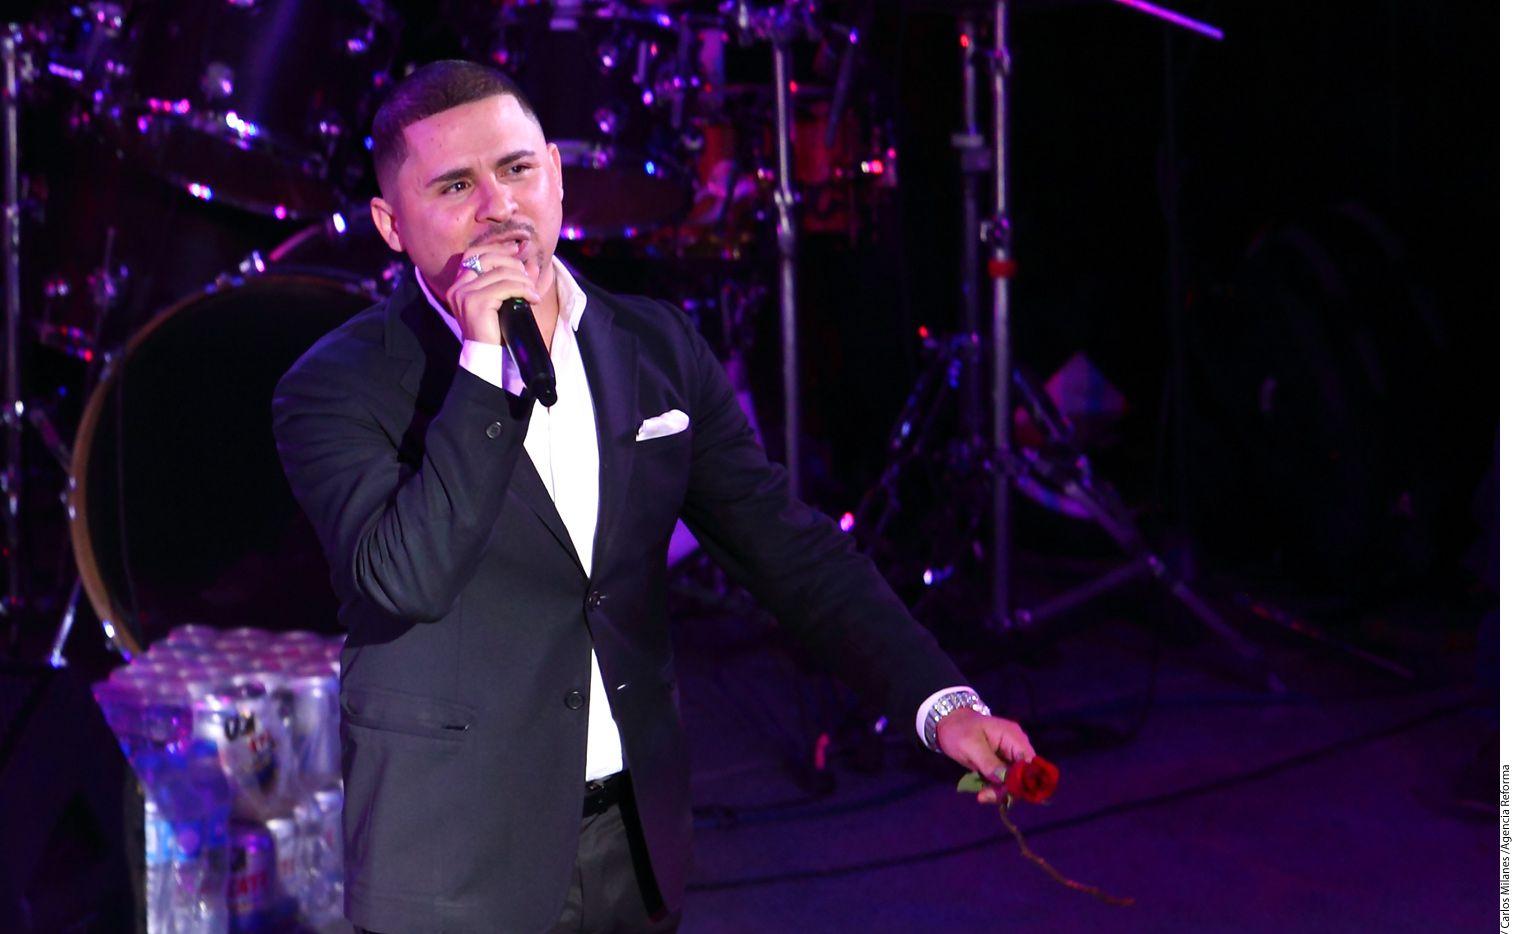 El cantante Larry Hernández (foto) aseguró en entrevista con Suelta La Sopa que ha tenido que tomar unas pastillas que su amigo Pancho Barraza le recomendó. /AGENCIA REFORMA